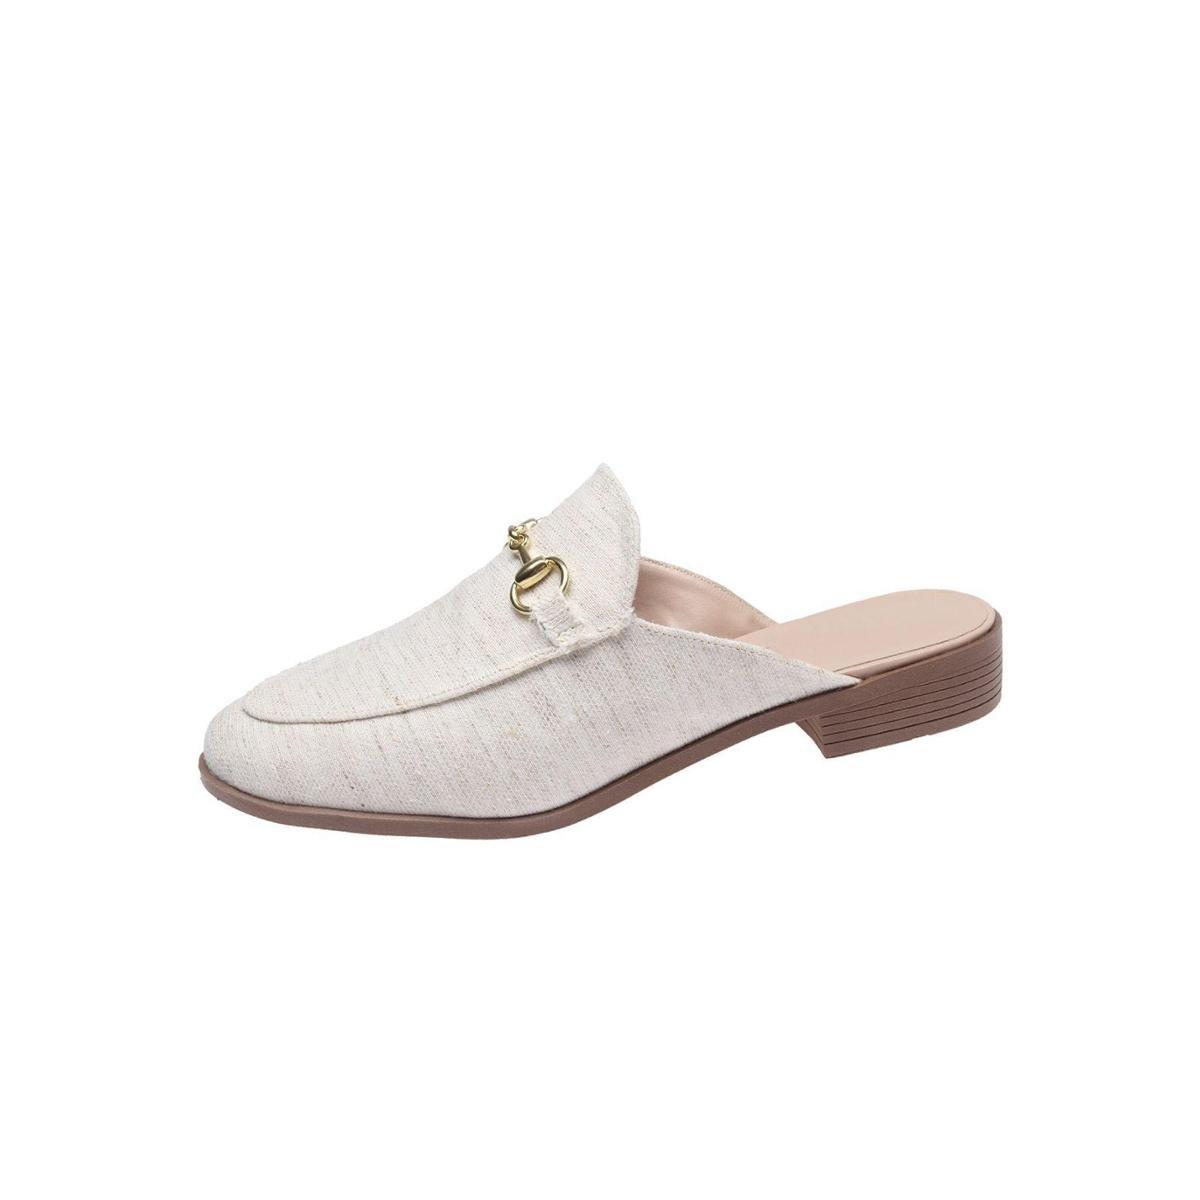 Mule Sapatos e Botas Linho Natural Feminino - Bege